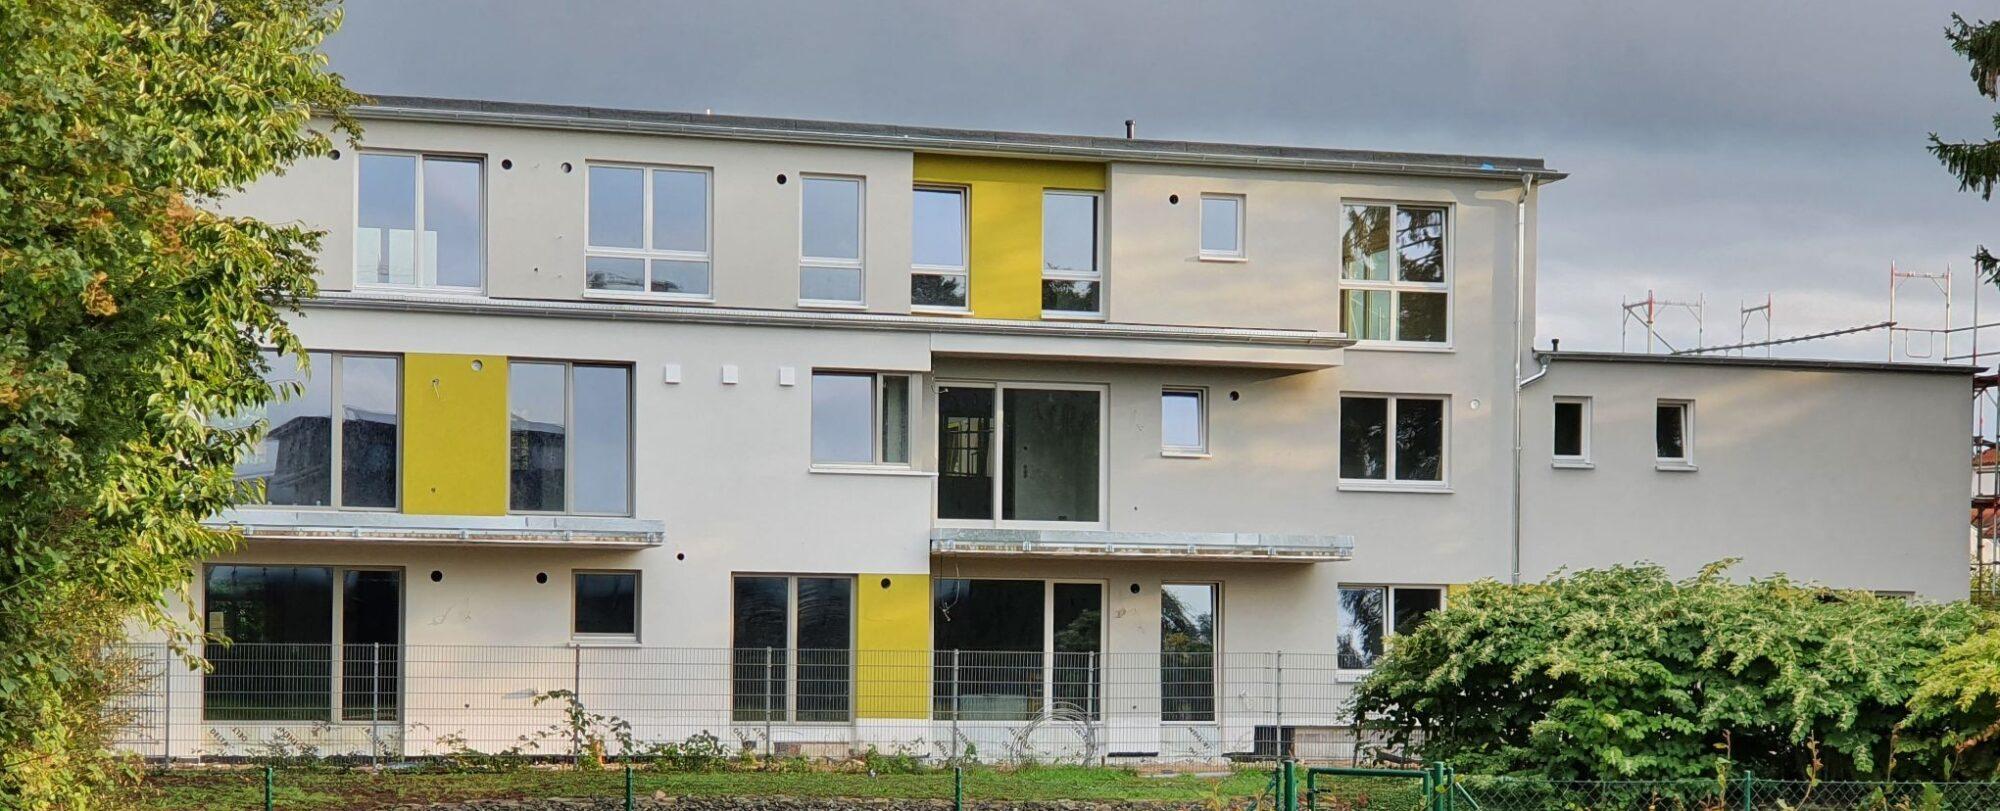 Wohnprojekt Alt-Osternburg